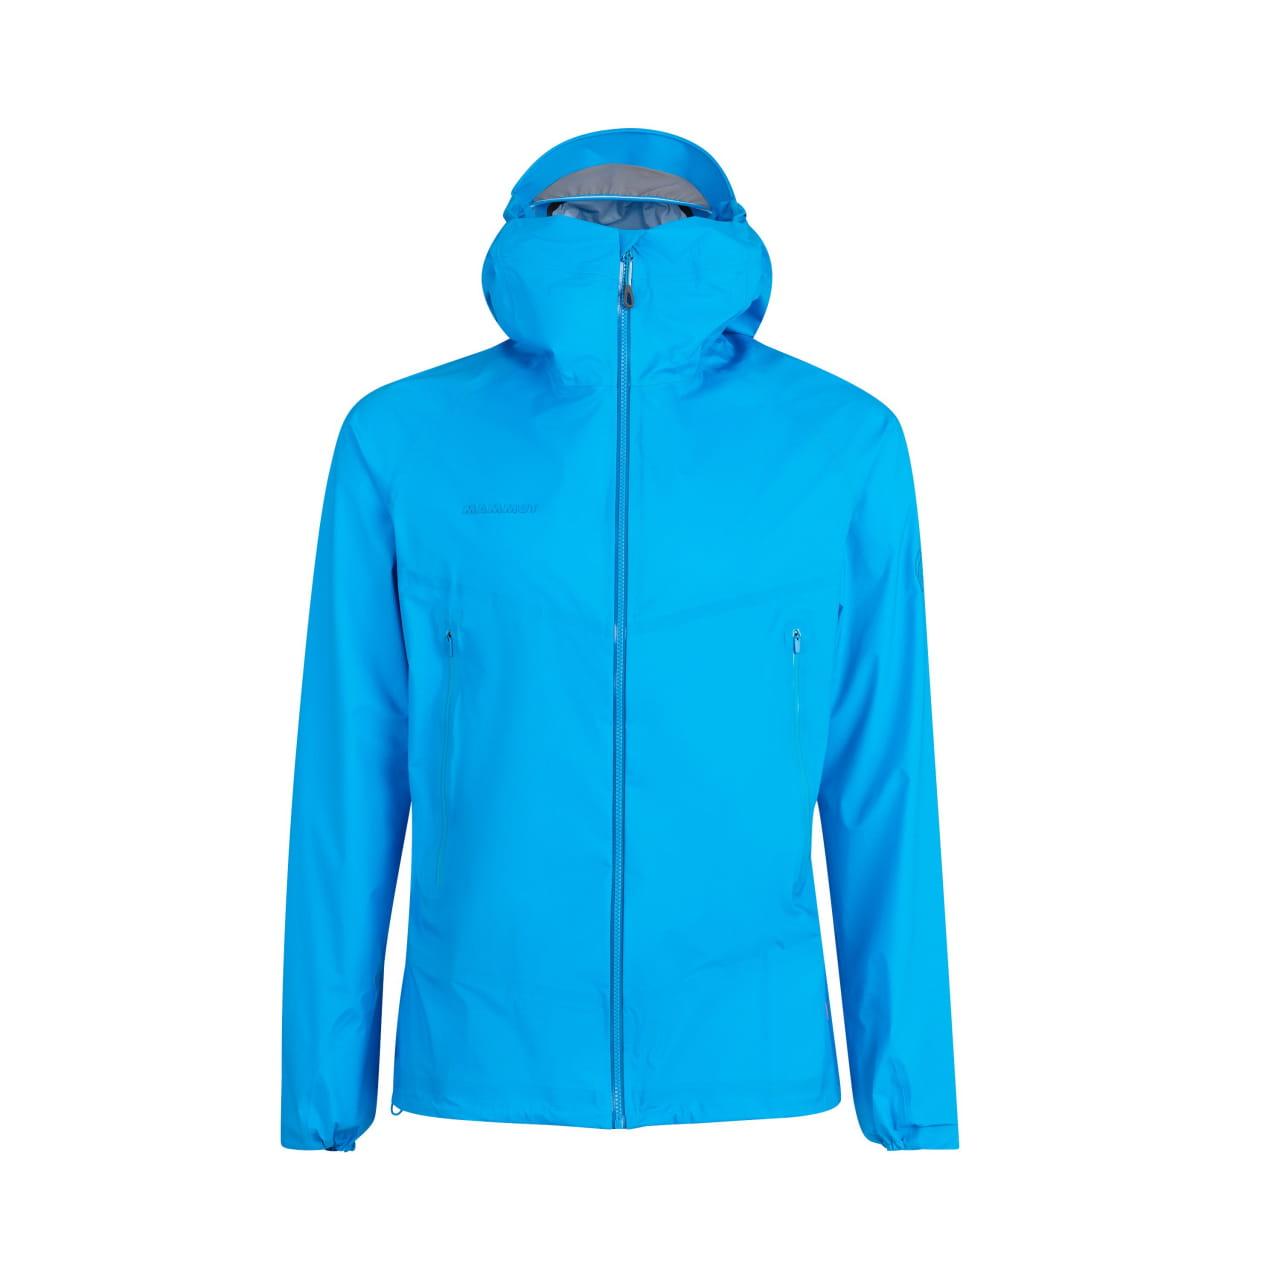 Pánská bunda s kapucí Mammut Masao Light HS Hooded Jacket Men